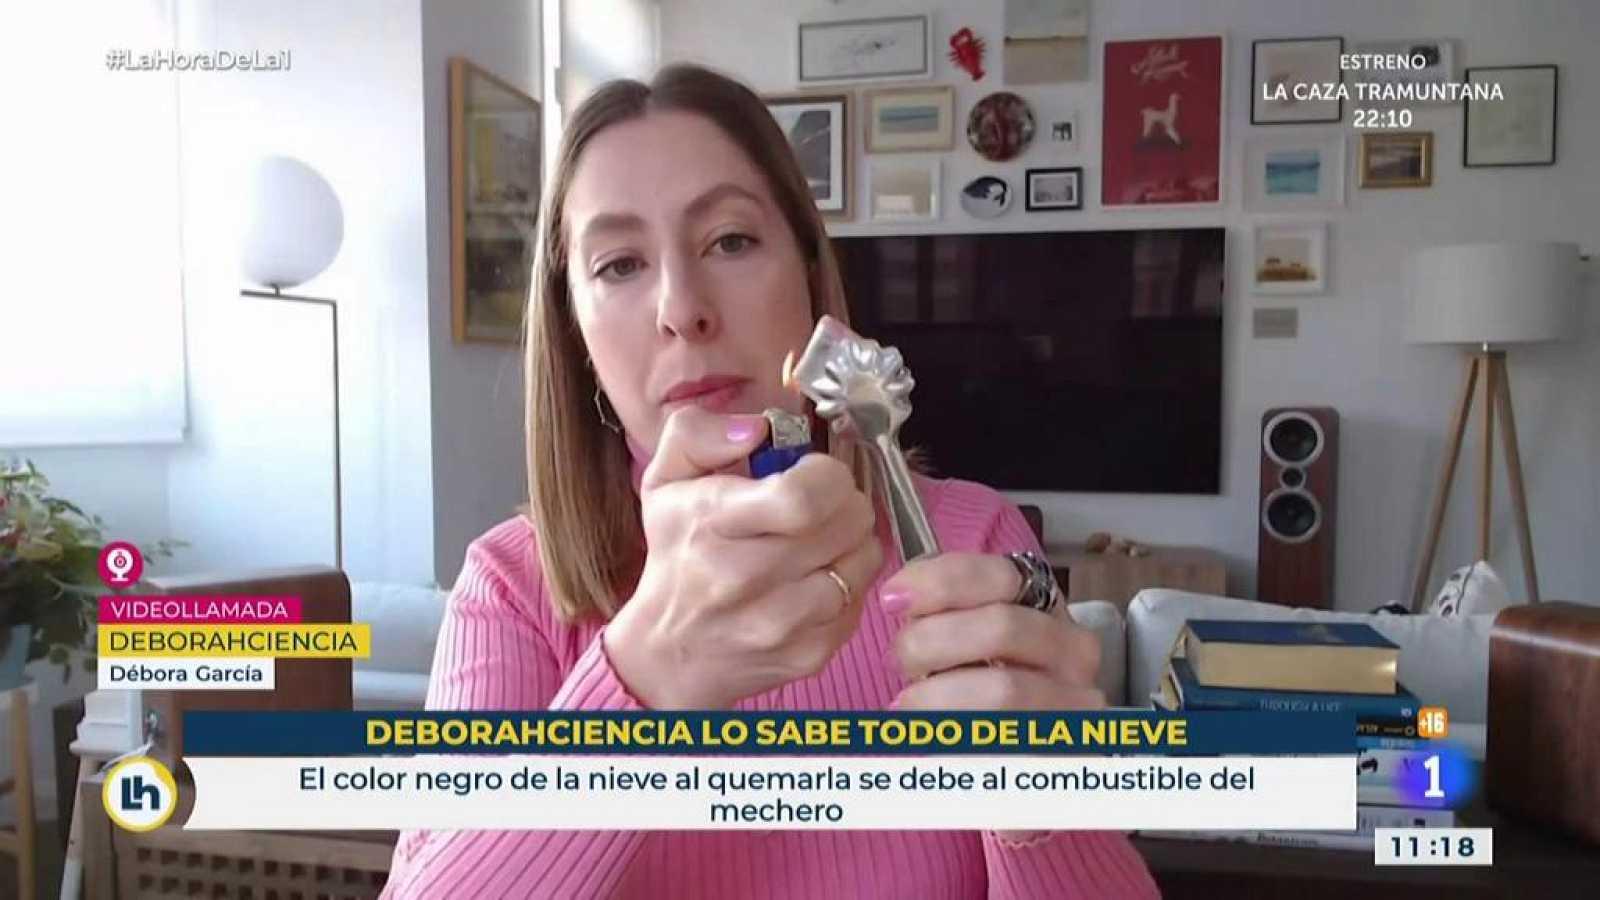 La Hora - Deborah Ciencia desmiente el vídeo de la 'nieve de plástico'